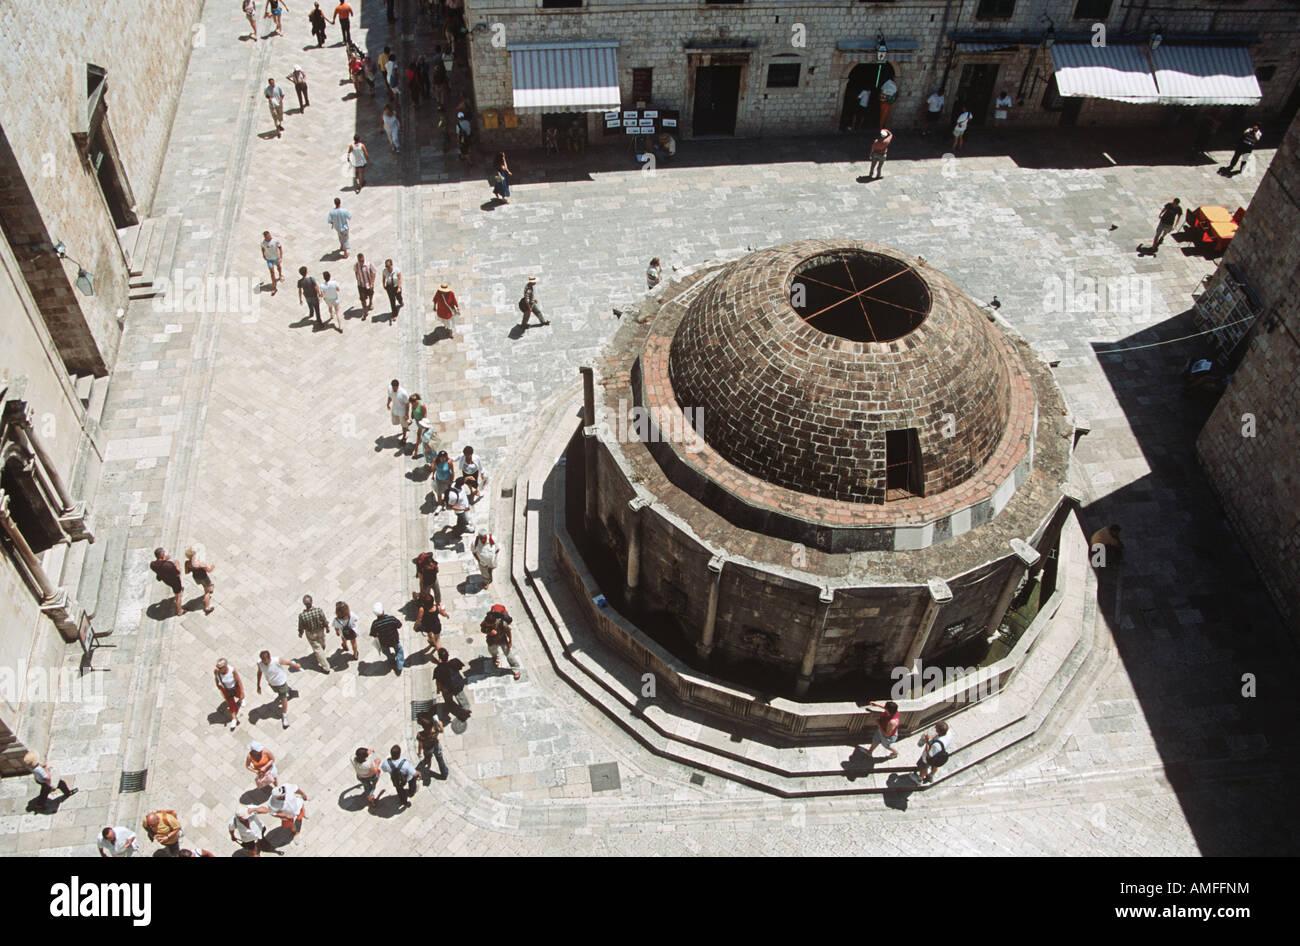 Gran Fuente de Onofrio tomadas de antiguas murallas de la ciudad, la costa Dálmata, Dubrovnik, Croacia Foto de stock